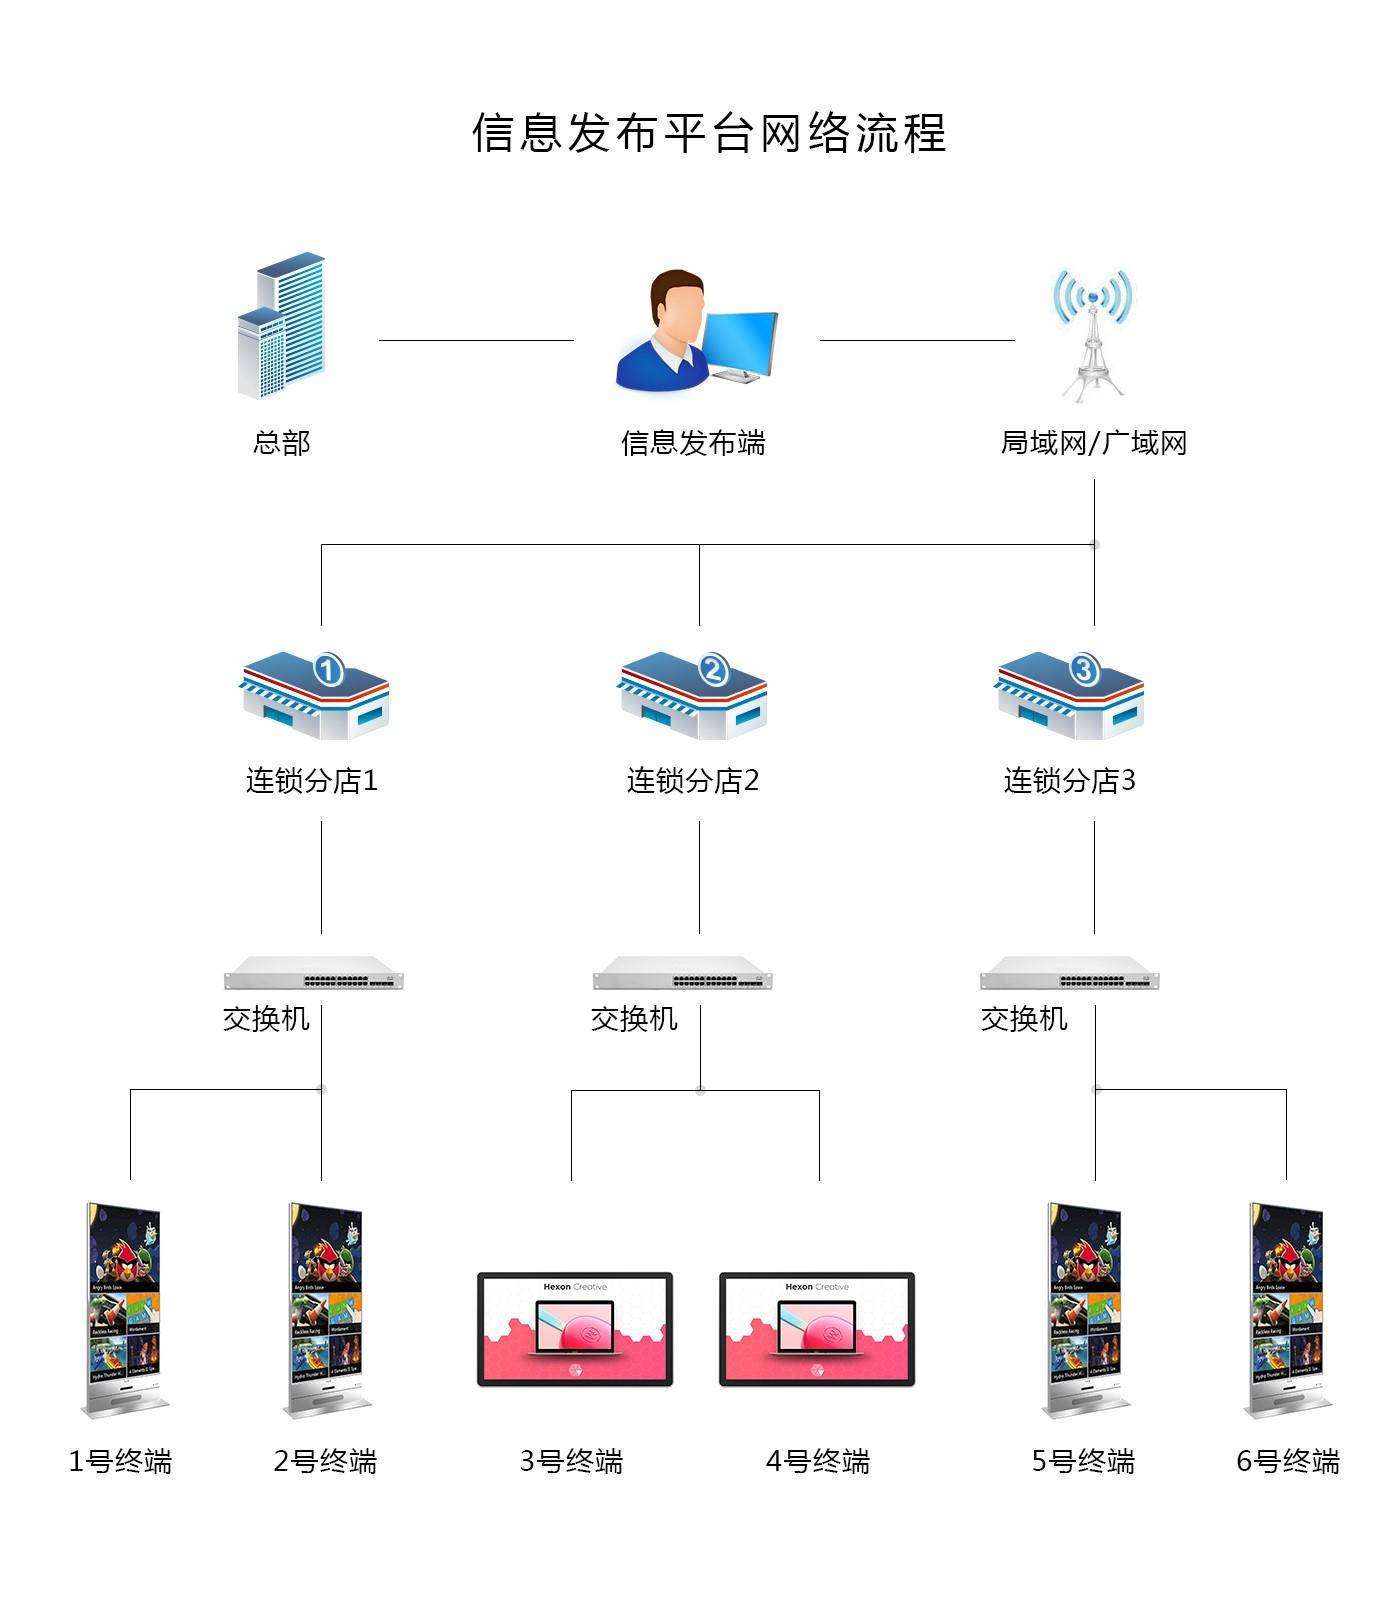 21.5寸壁挂式广告机PZ—21.5BE4--广州磐众智能科技有限公司